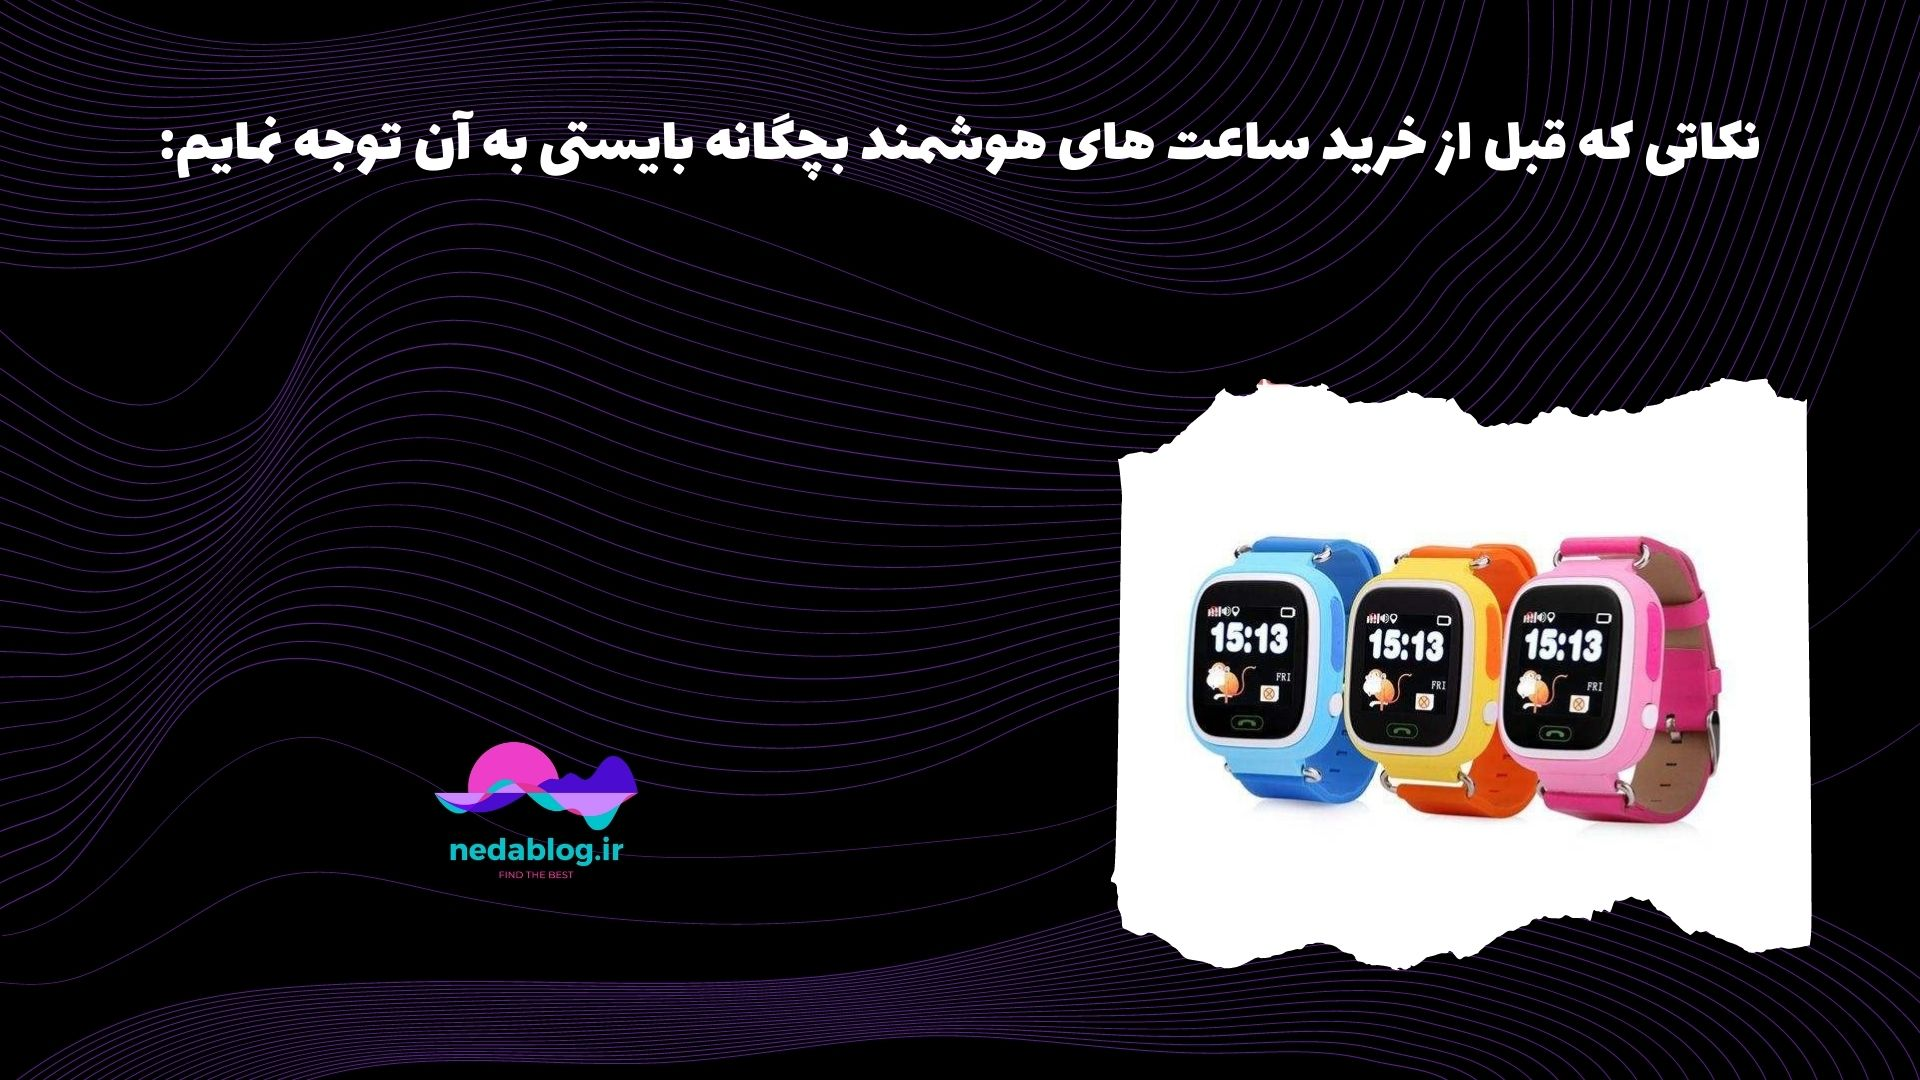 نکاتی که قبل از خرید ساعت های هوشمند بچگانه بایستی به آن توجه نمایم: